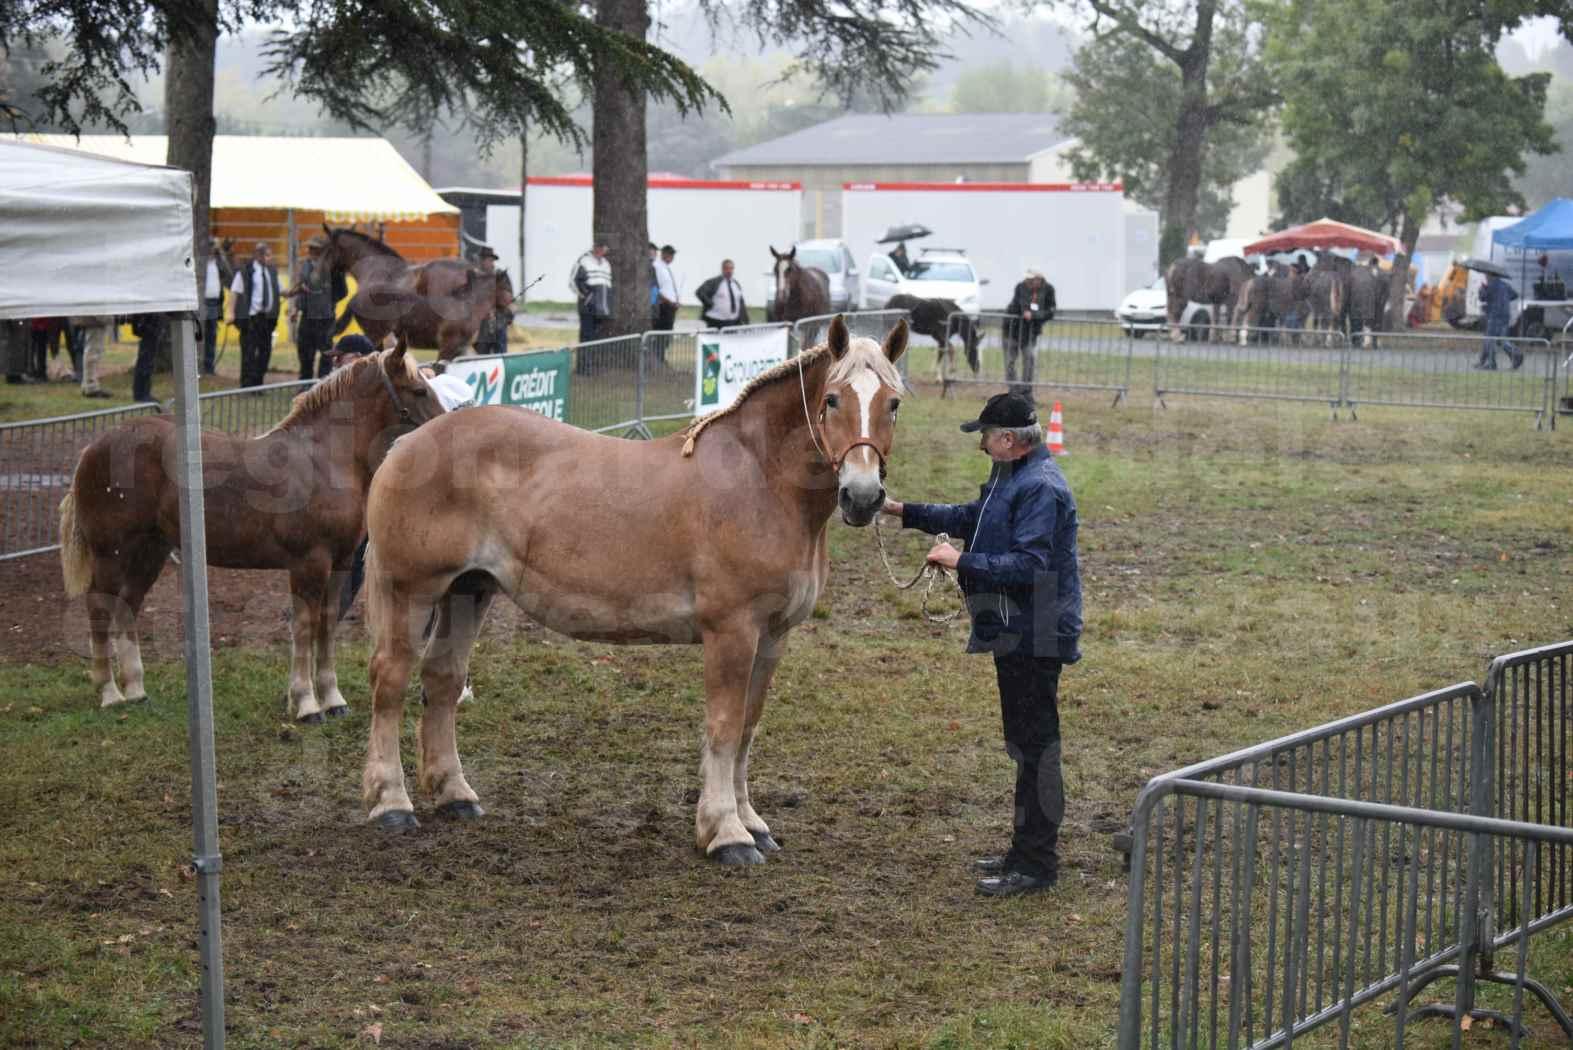 Concours Régional de chevaux de traits en 2017 - Trait BRETON - Jument suitée - OREE DES AMOUROUX - 18